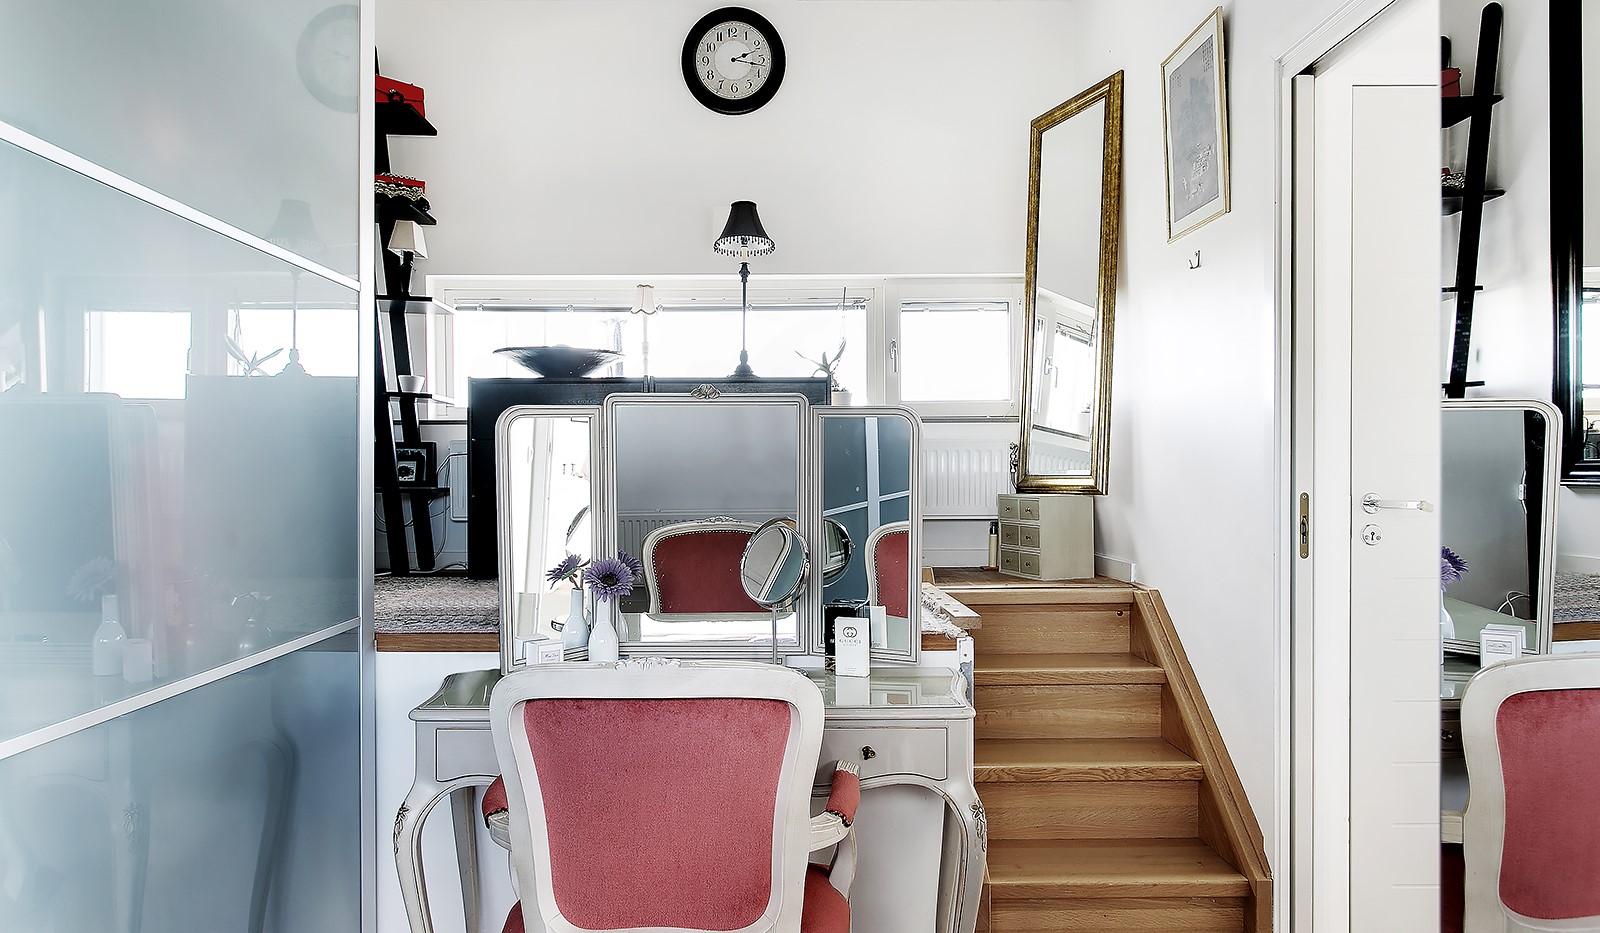 Sickla Kanalgata 64, vån 4 & 5 - I dagsläget används rummet som ett lyxigt dressingroom med två ordentliga garderober